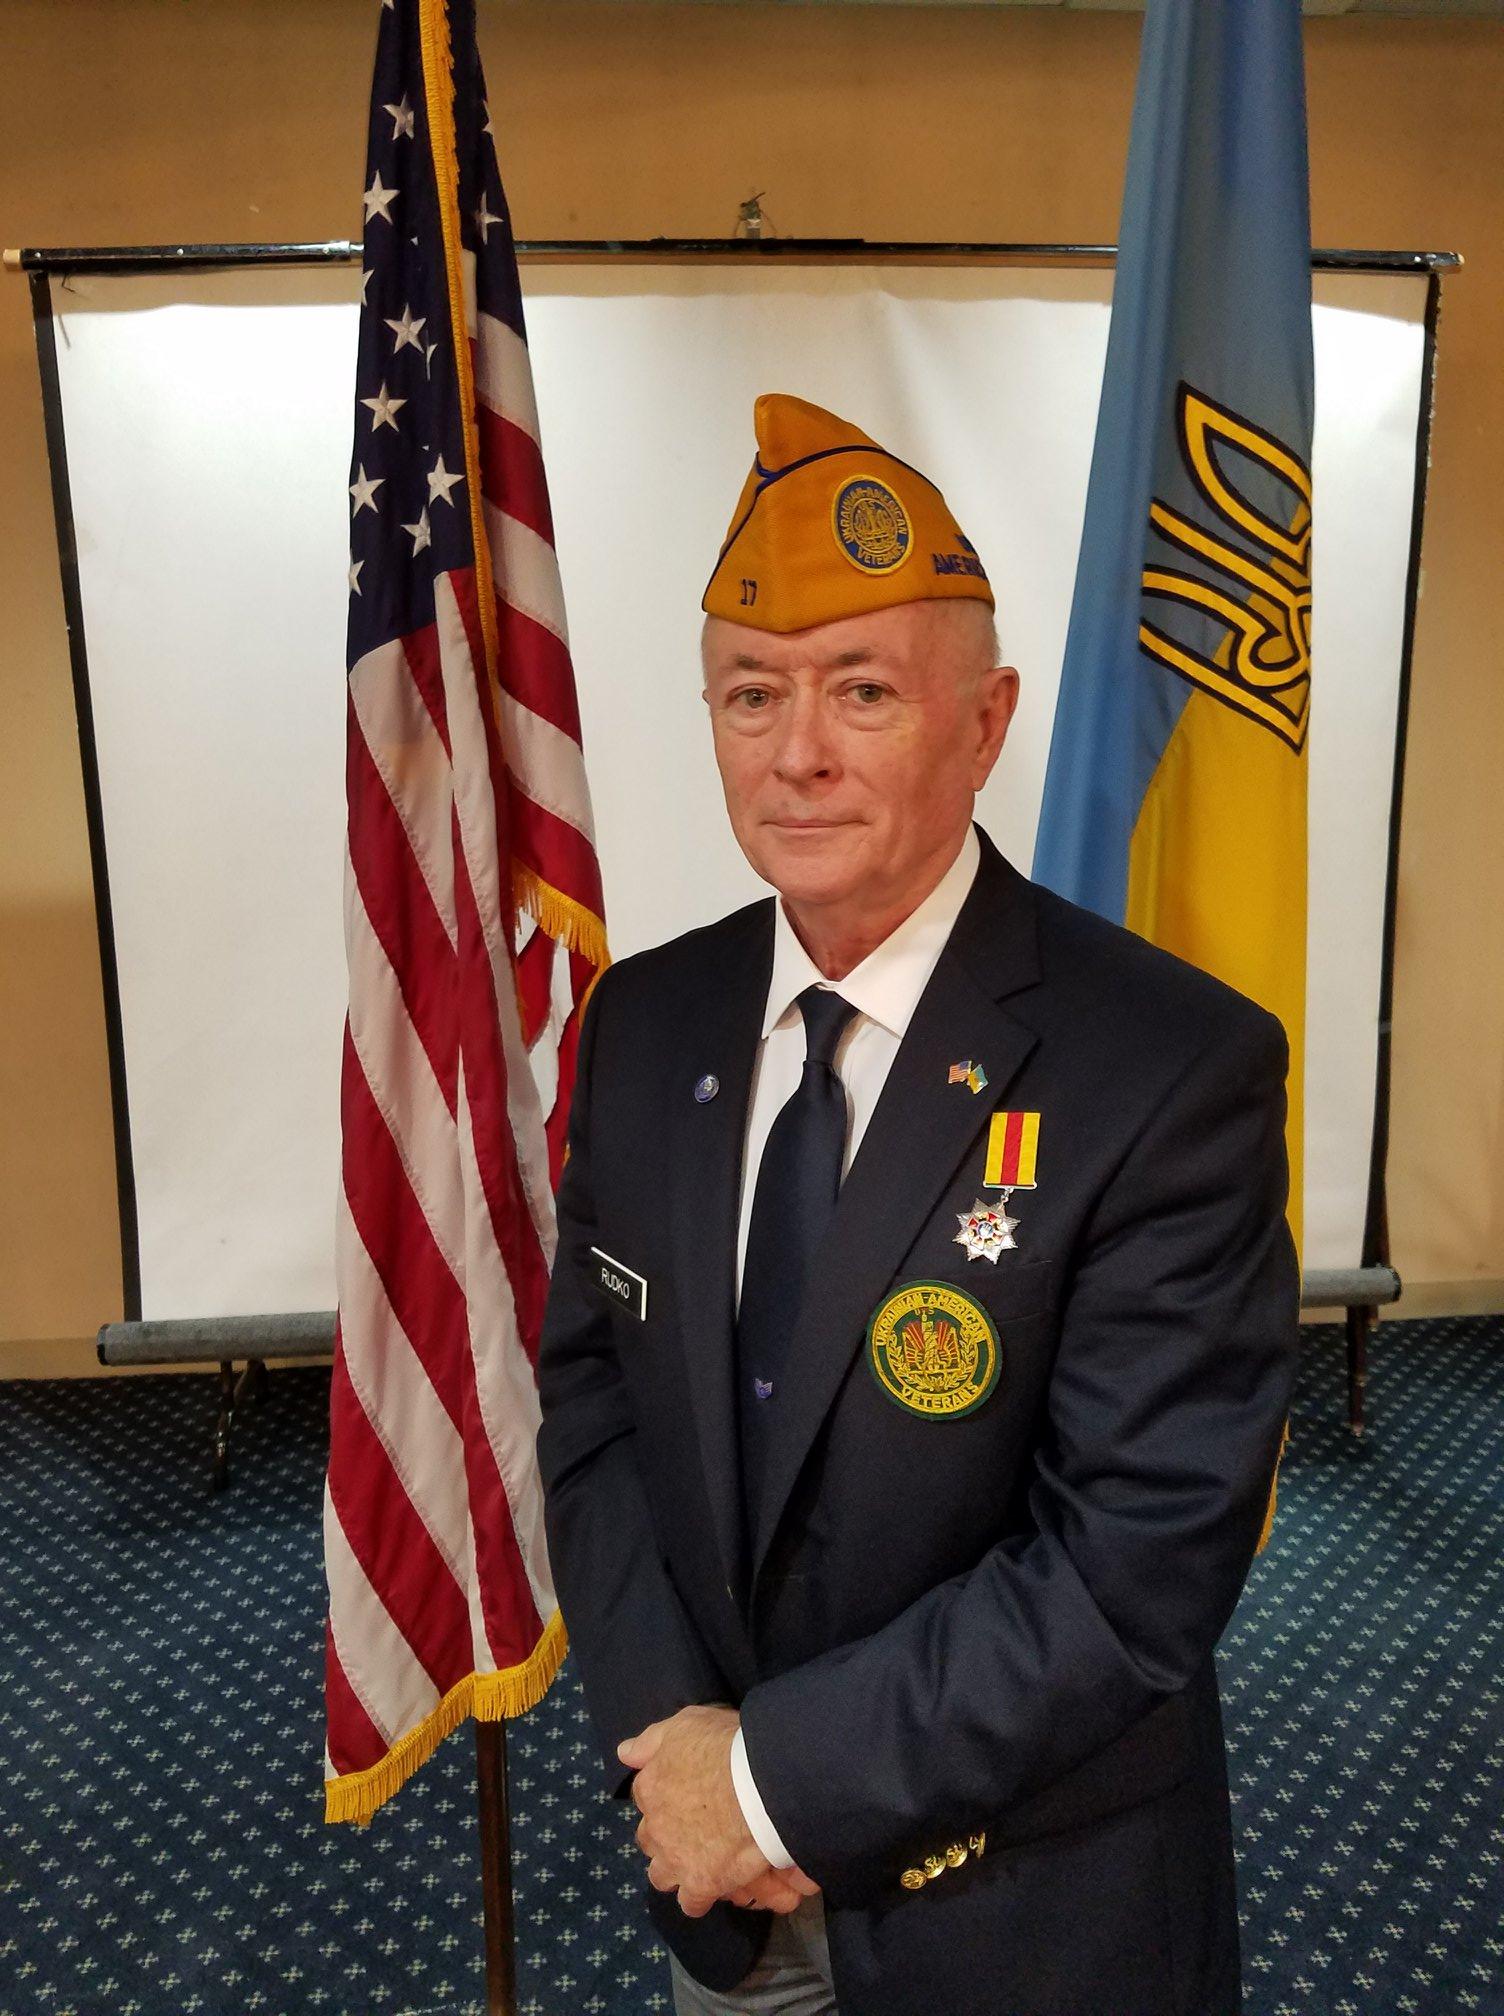 Ukrainian American Veterans (UAV) National Commander Ihor Rudko